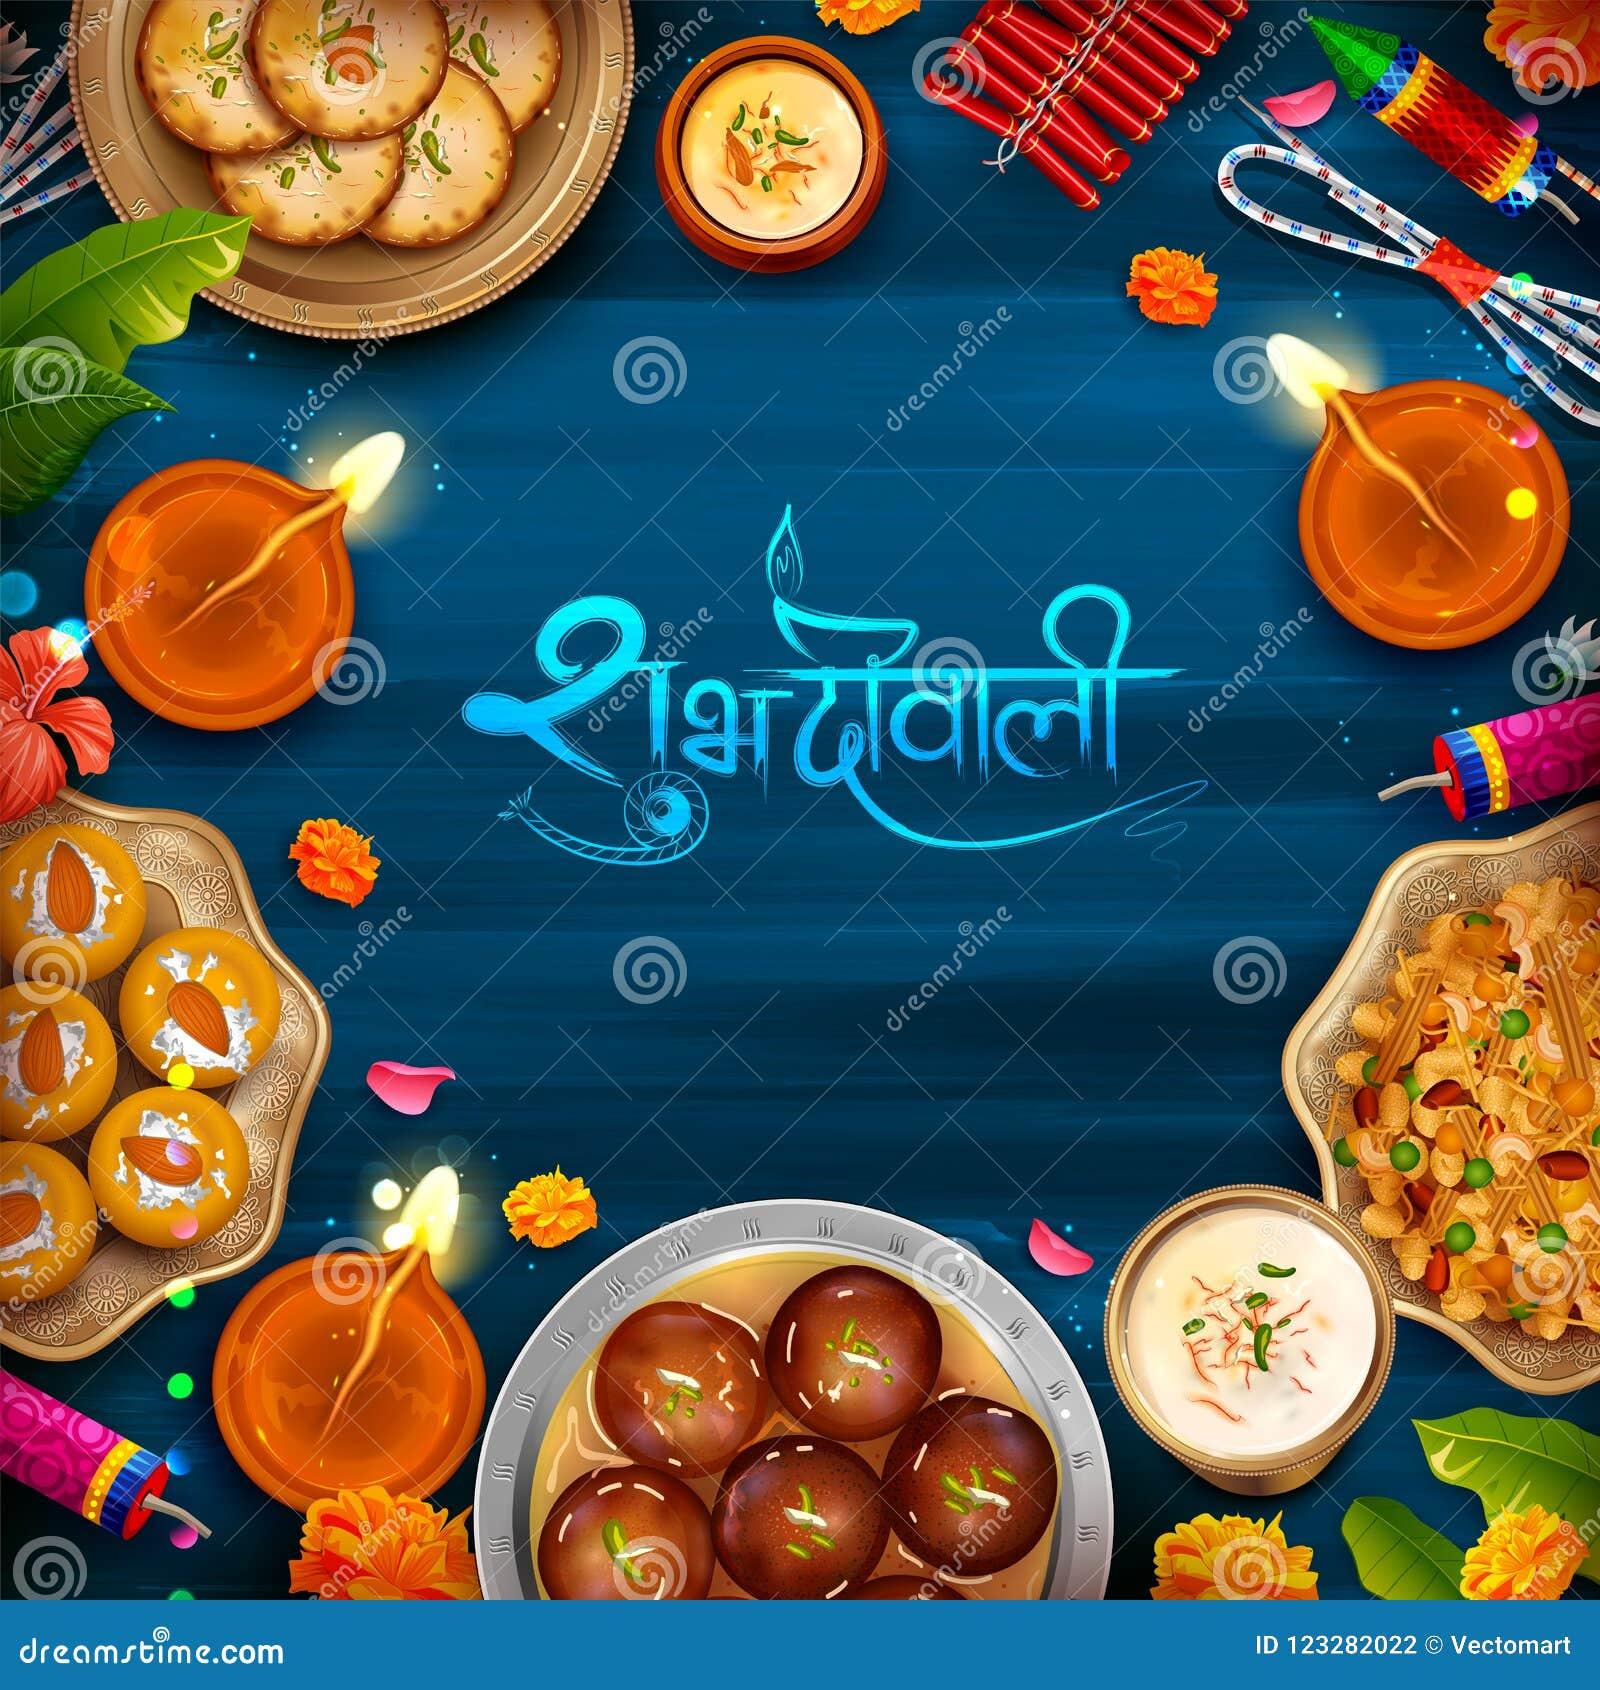 Het branden diya met geassorteerd snoepje en snack op Gelukkige Diwali-Vakantieachtergrond voor licht festival van India